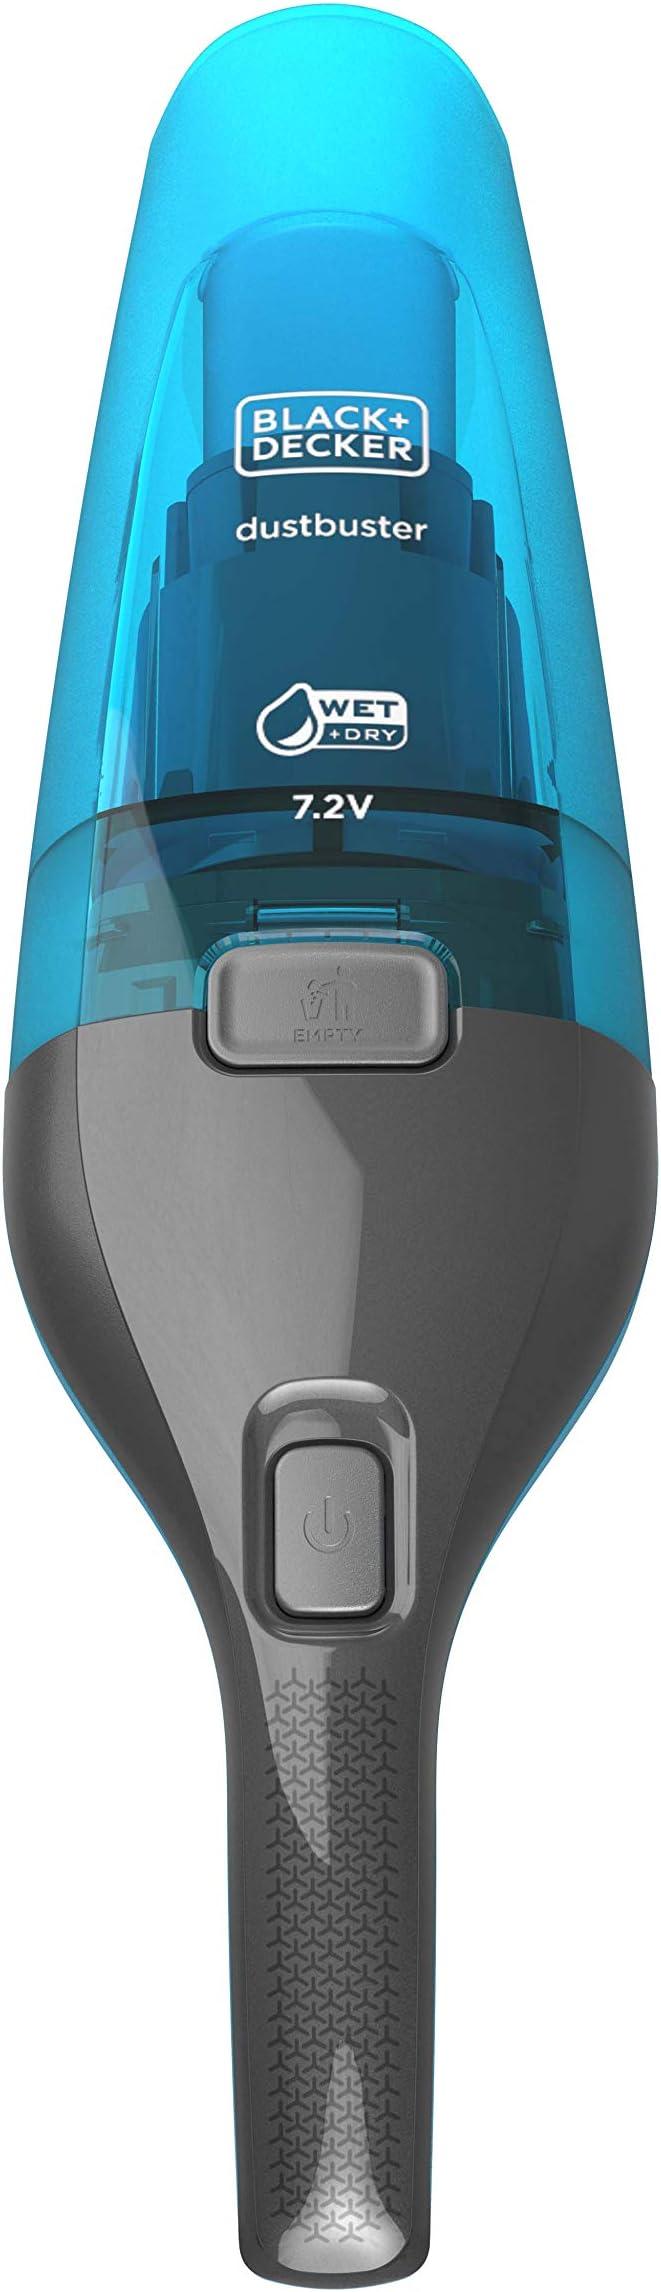 BLACK+DECKER WDC215WA-QW - Aspirador de mano sin cable para líquidos/sólidos 7.2V (1.5Ah), 385ml: Amazon.es: Hogar